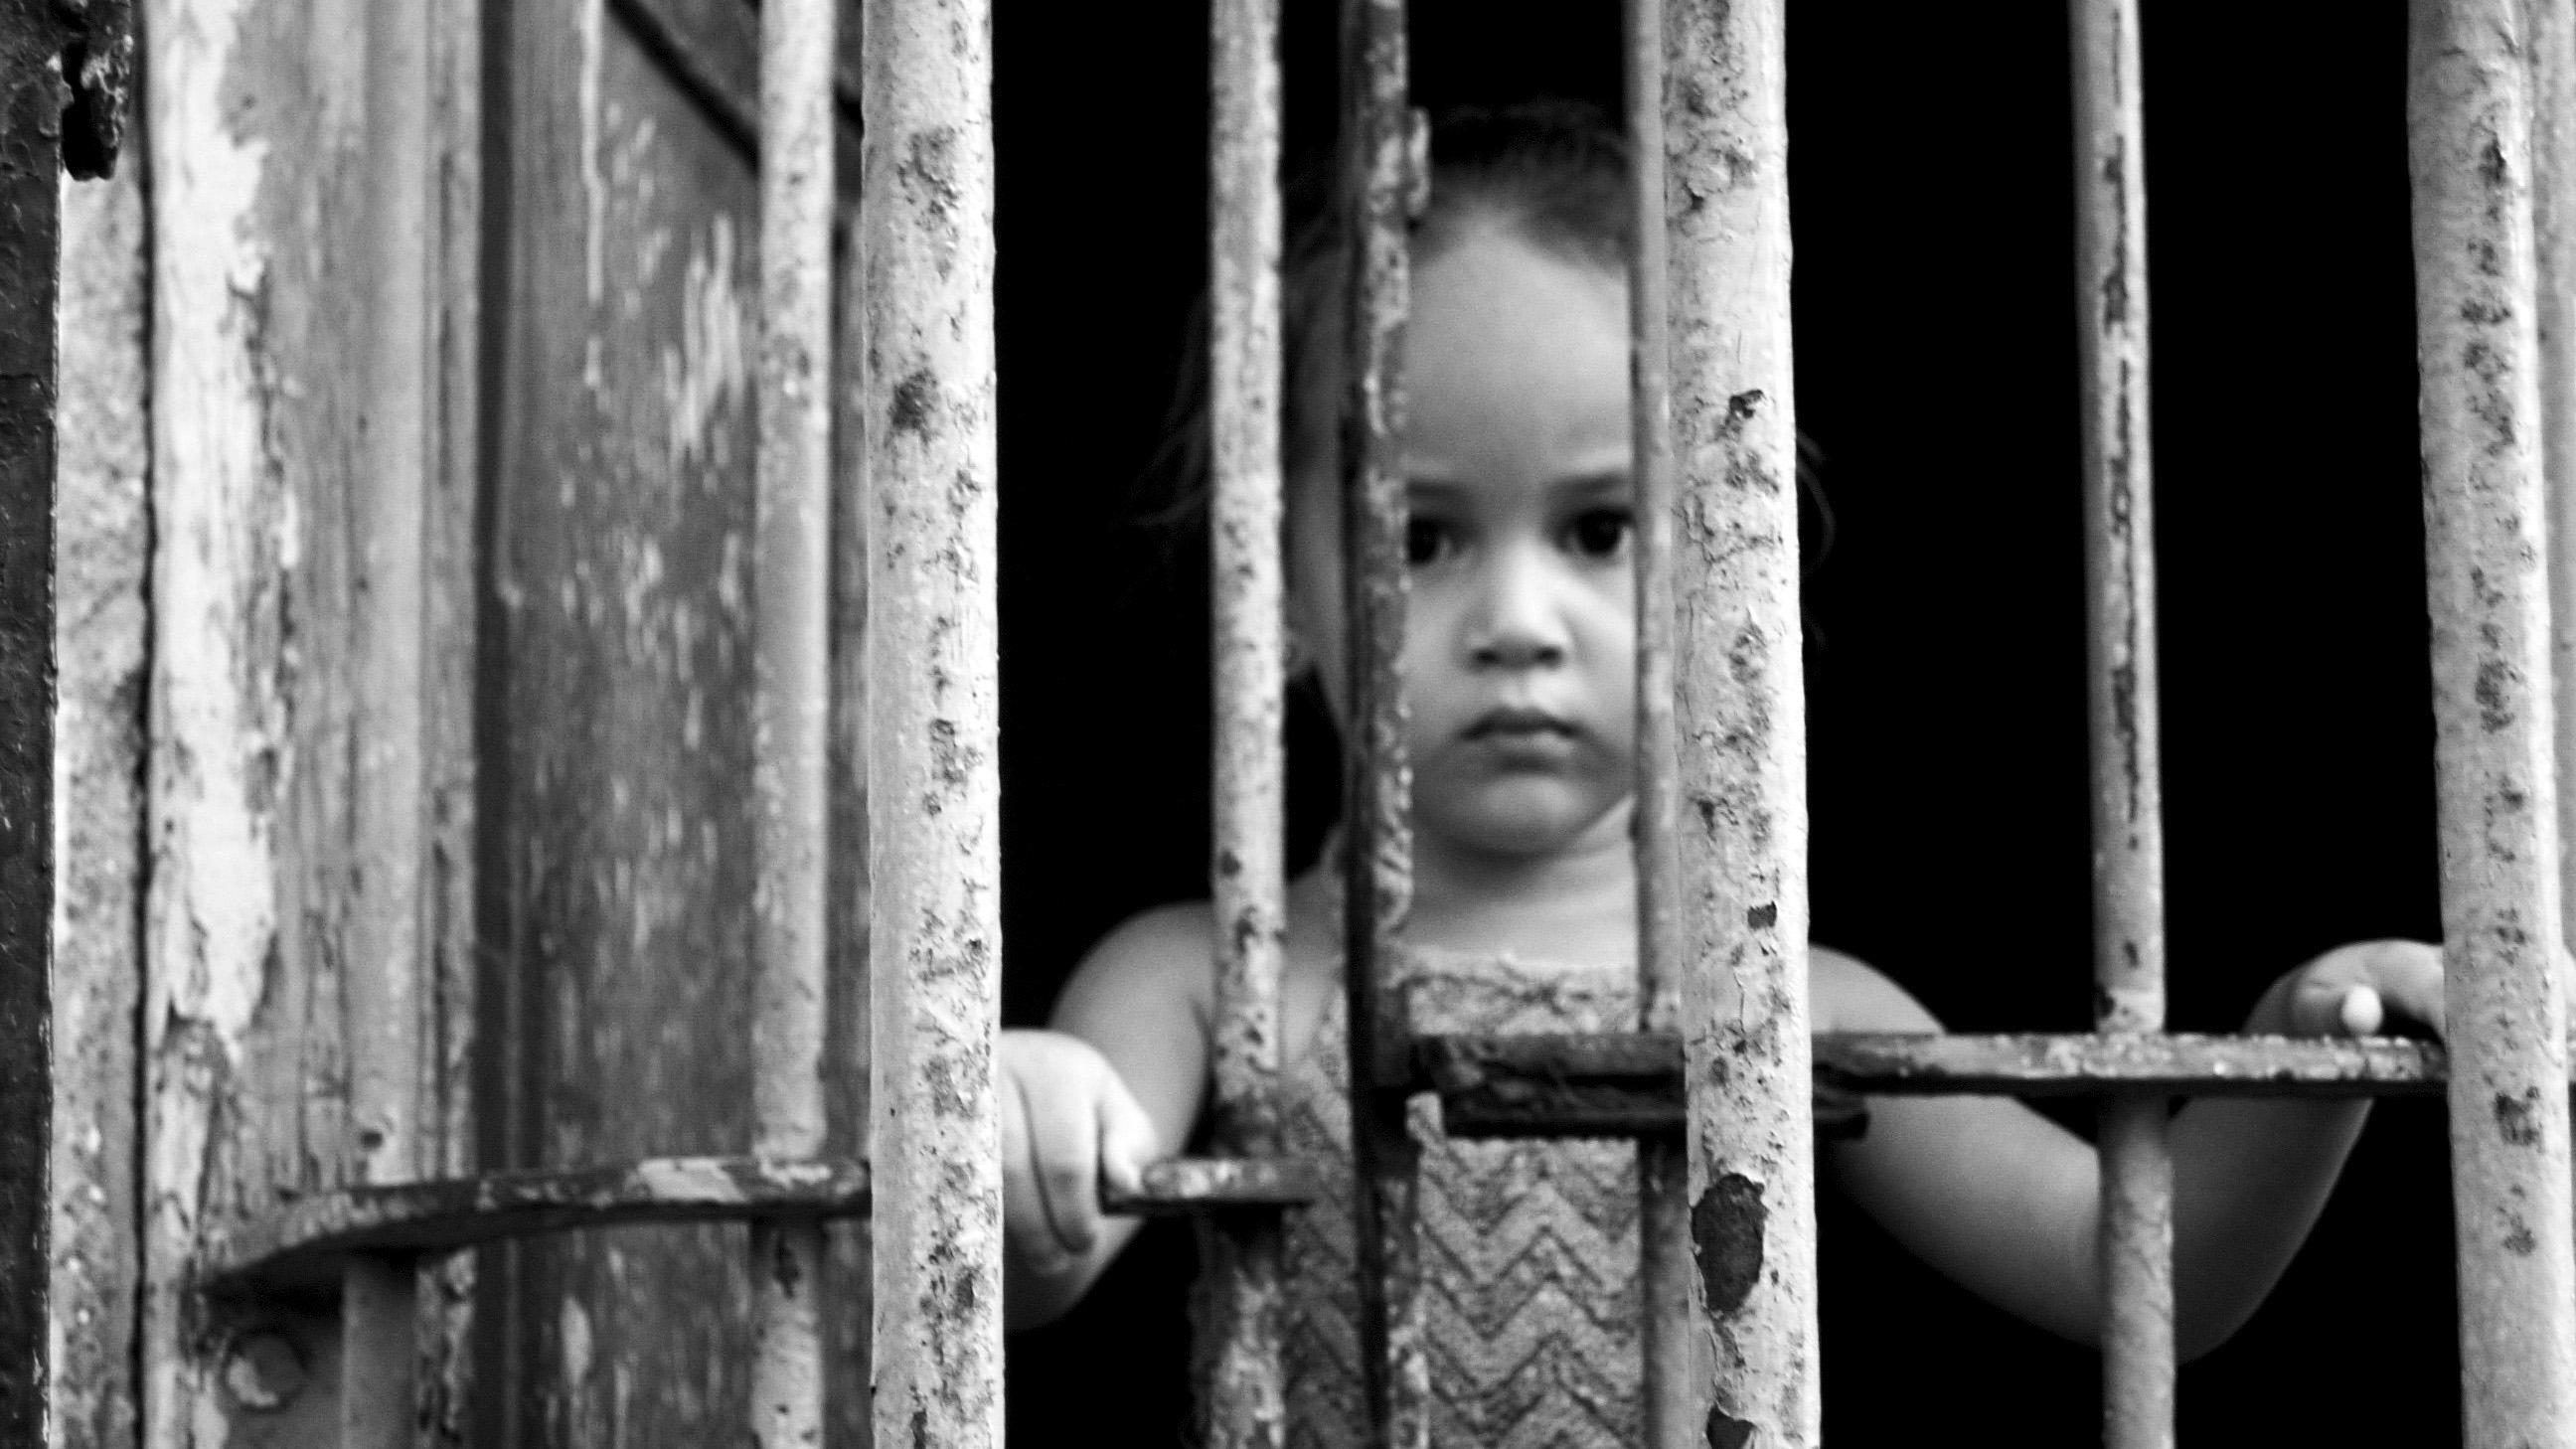 2_Eyes_Behind_Bars_Havana_Cuba_2006